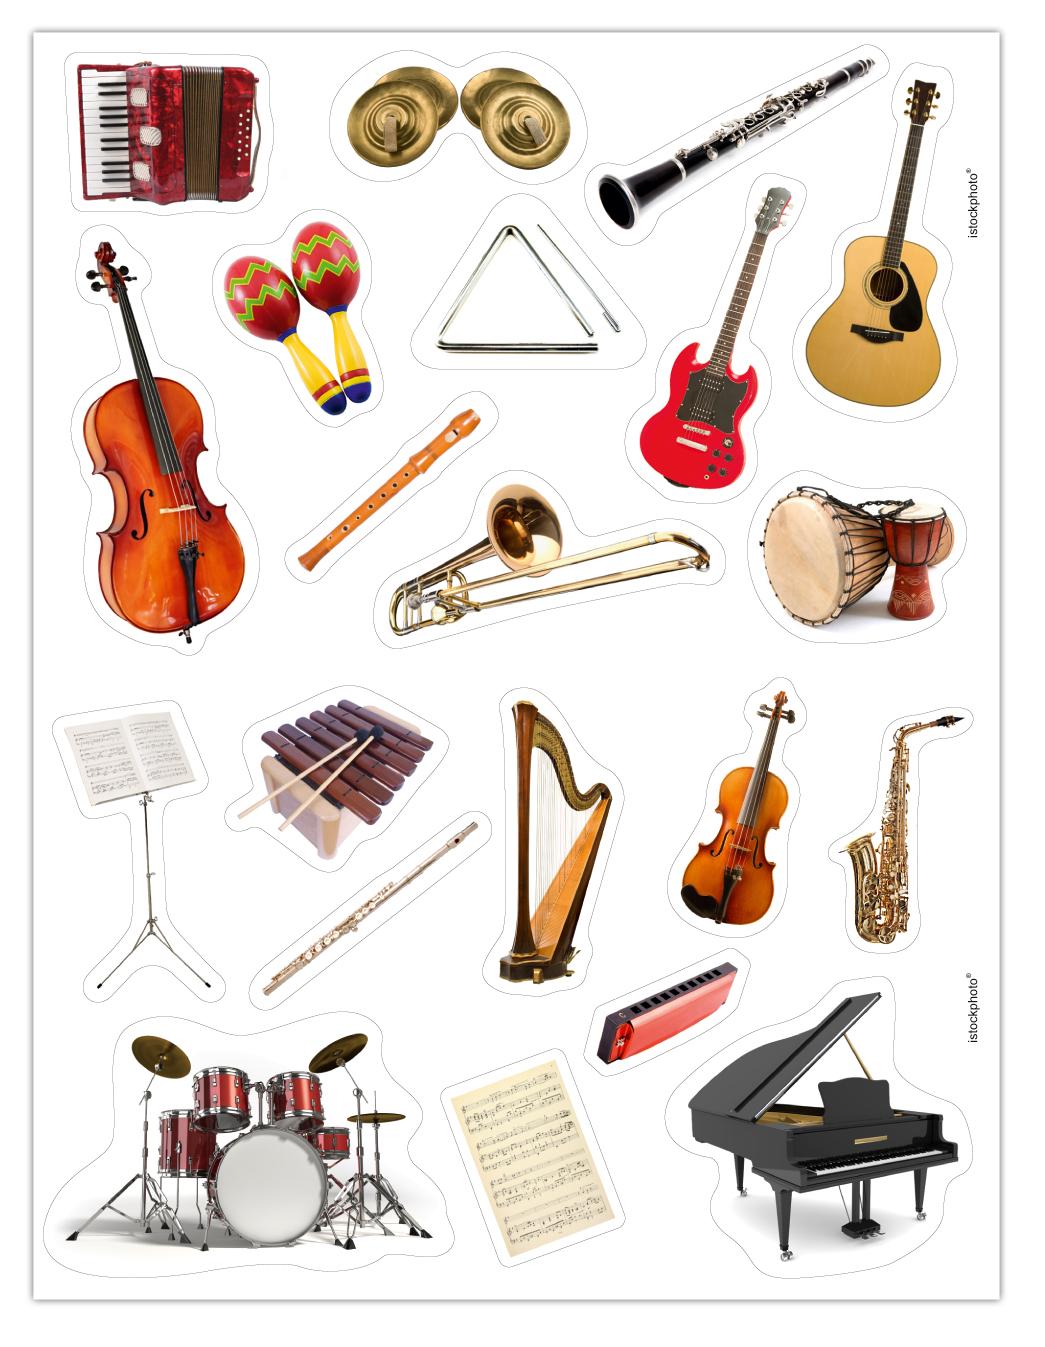 Images d instruments de musique - Photo d instrument de musique ...